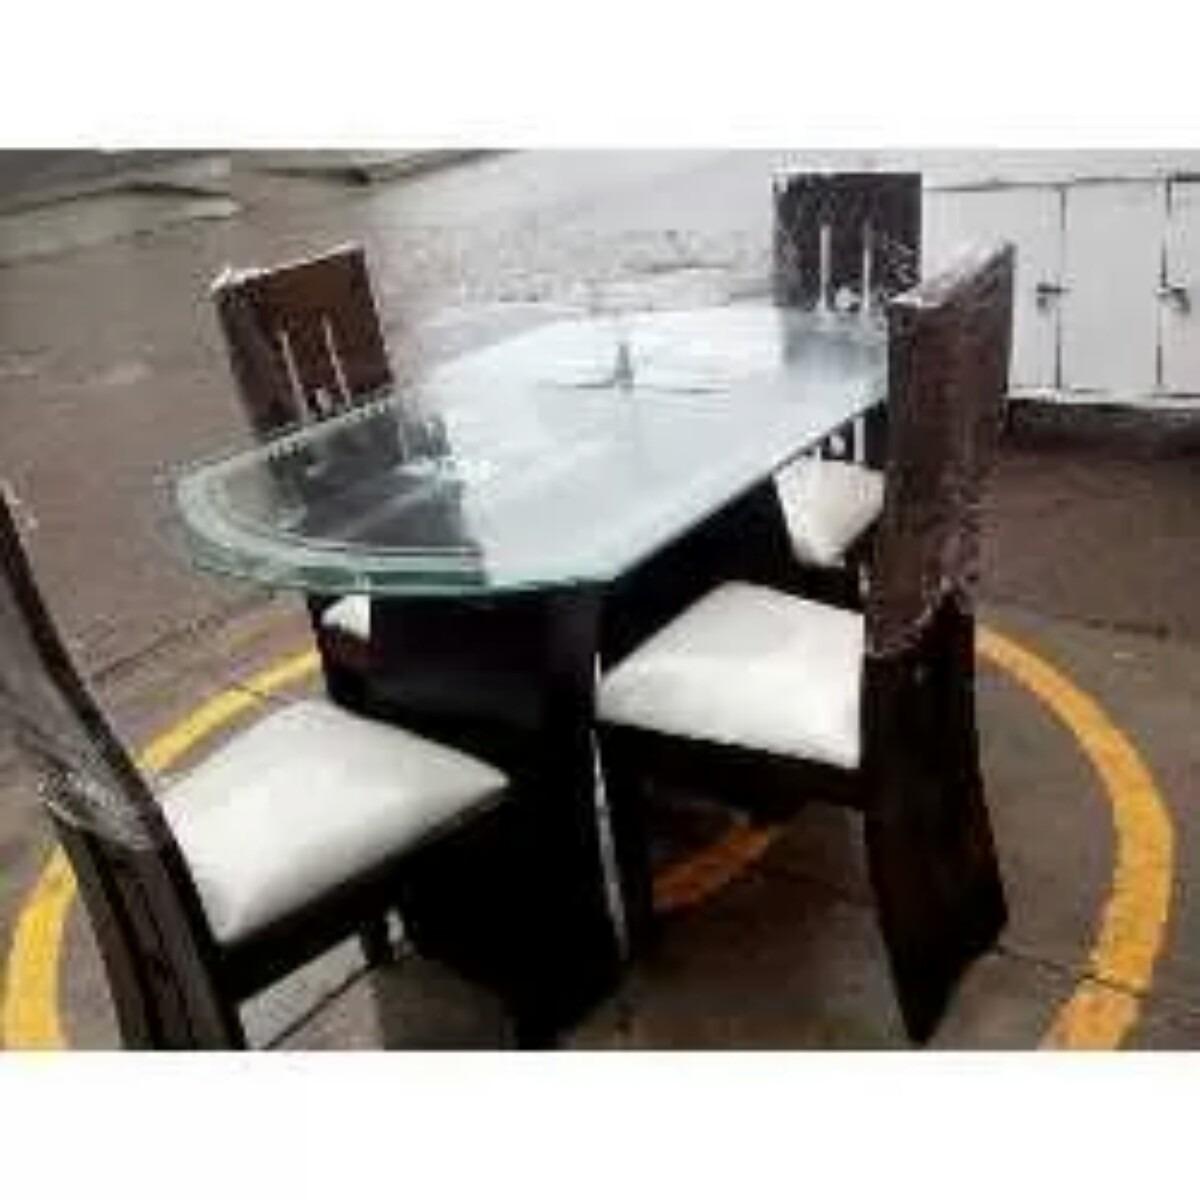 Comedor de 4sillas madera tornillo a 700 s 700 00 en for Comedor 4 sillas madera